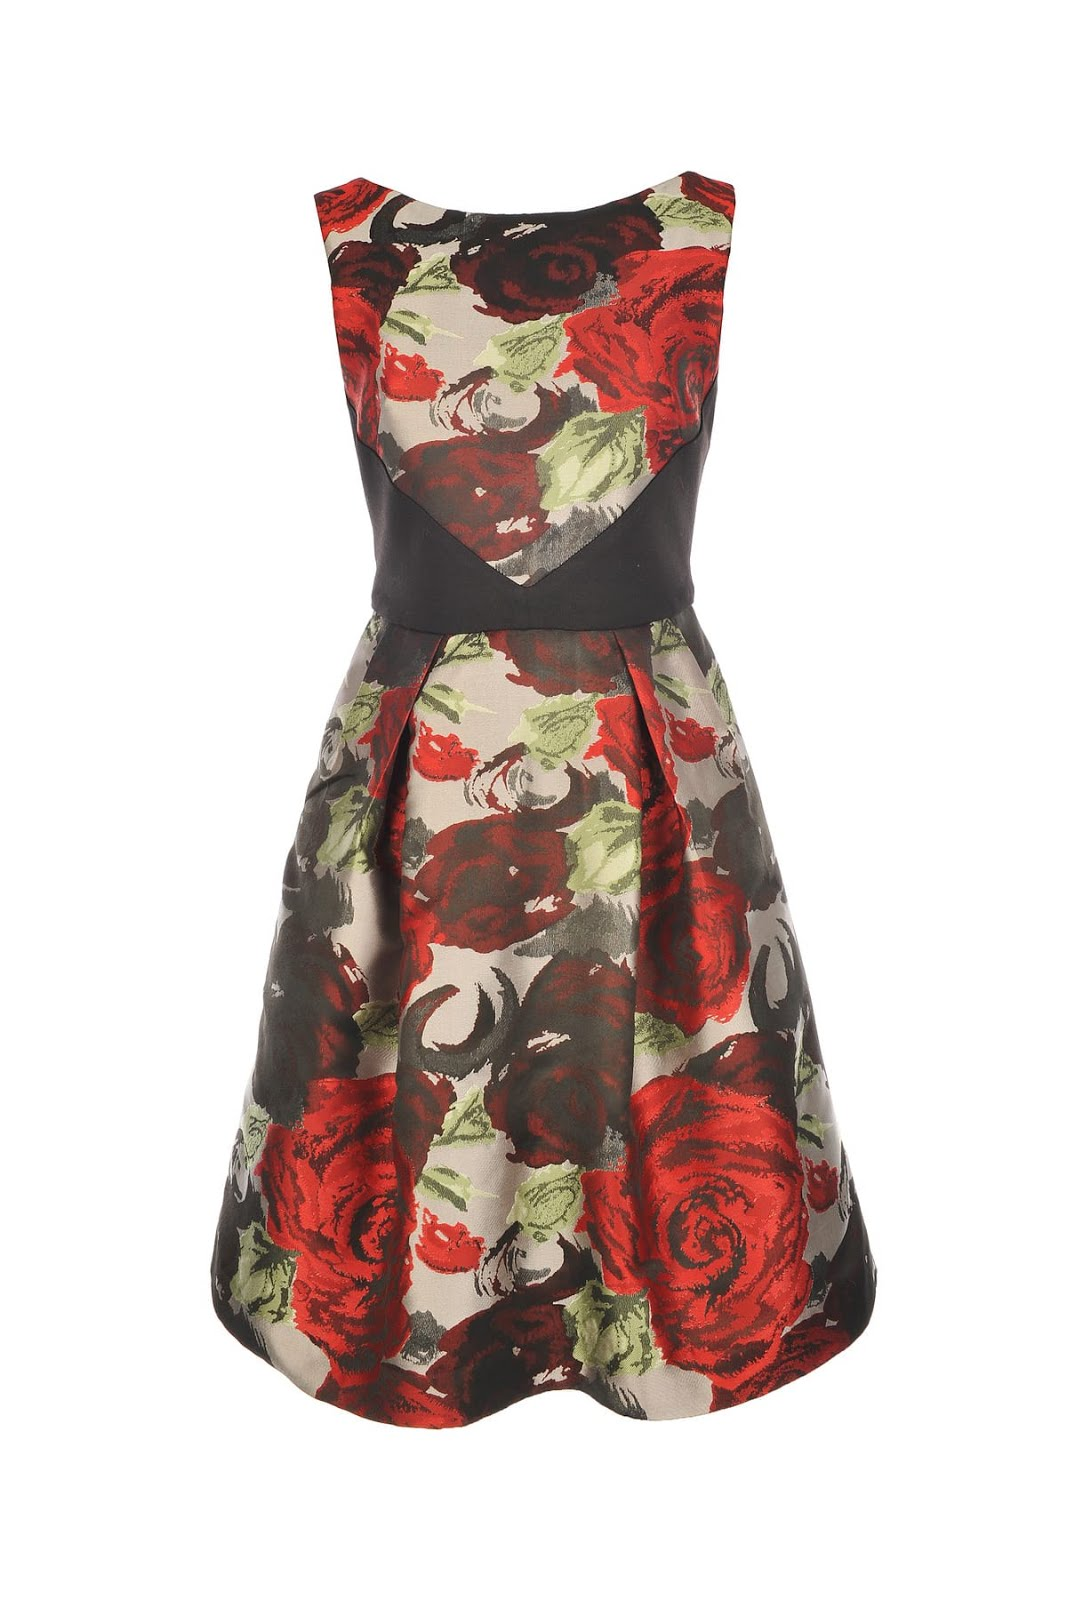 Φορεμα βραδυνο με υπεροχα λουλουδια